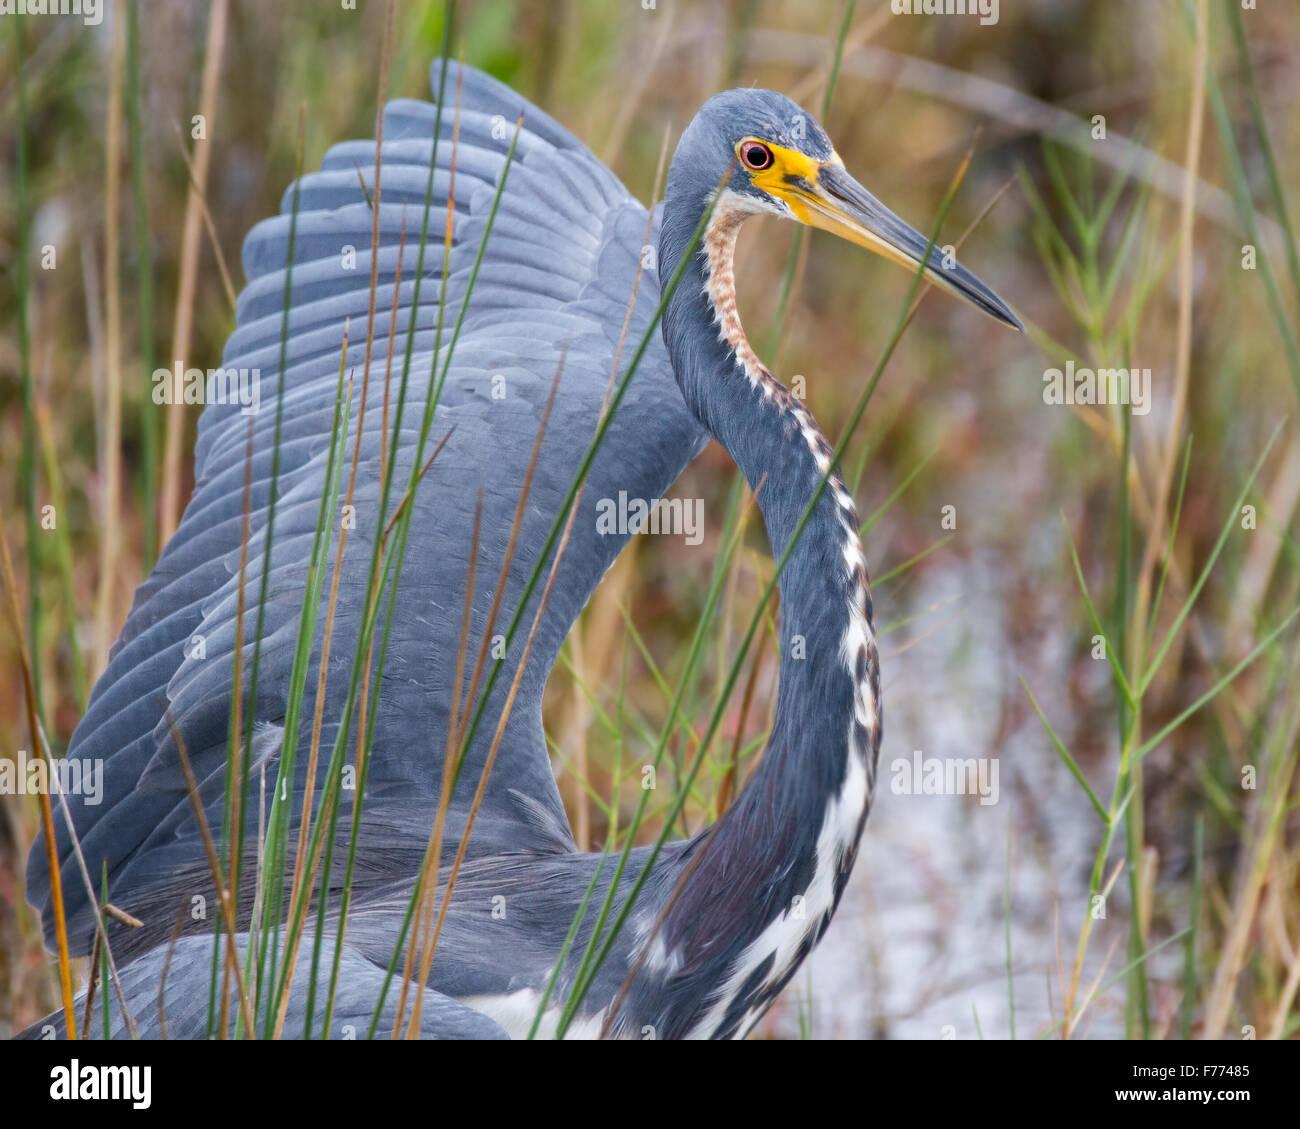 Einen dreifarbigen Reiher zeigt seine Dominanz gegenüber einem anderen Vogel. Stockbild